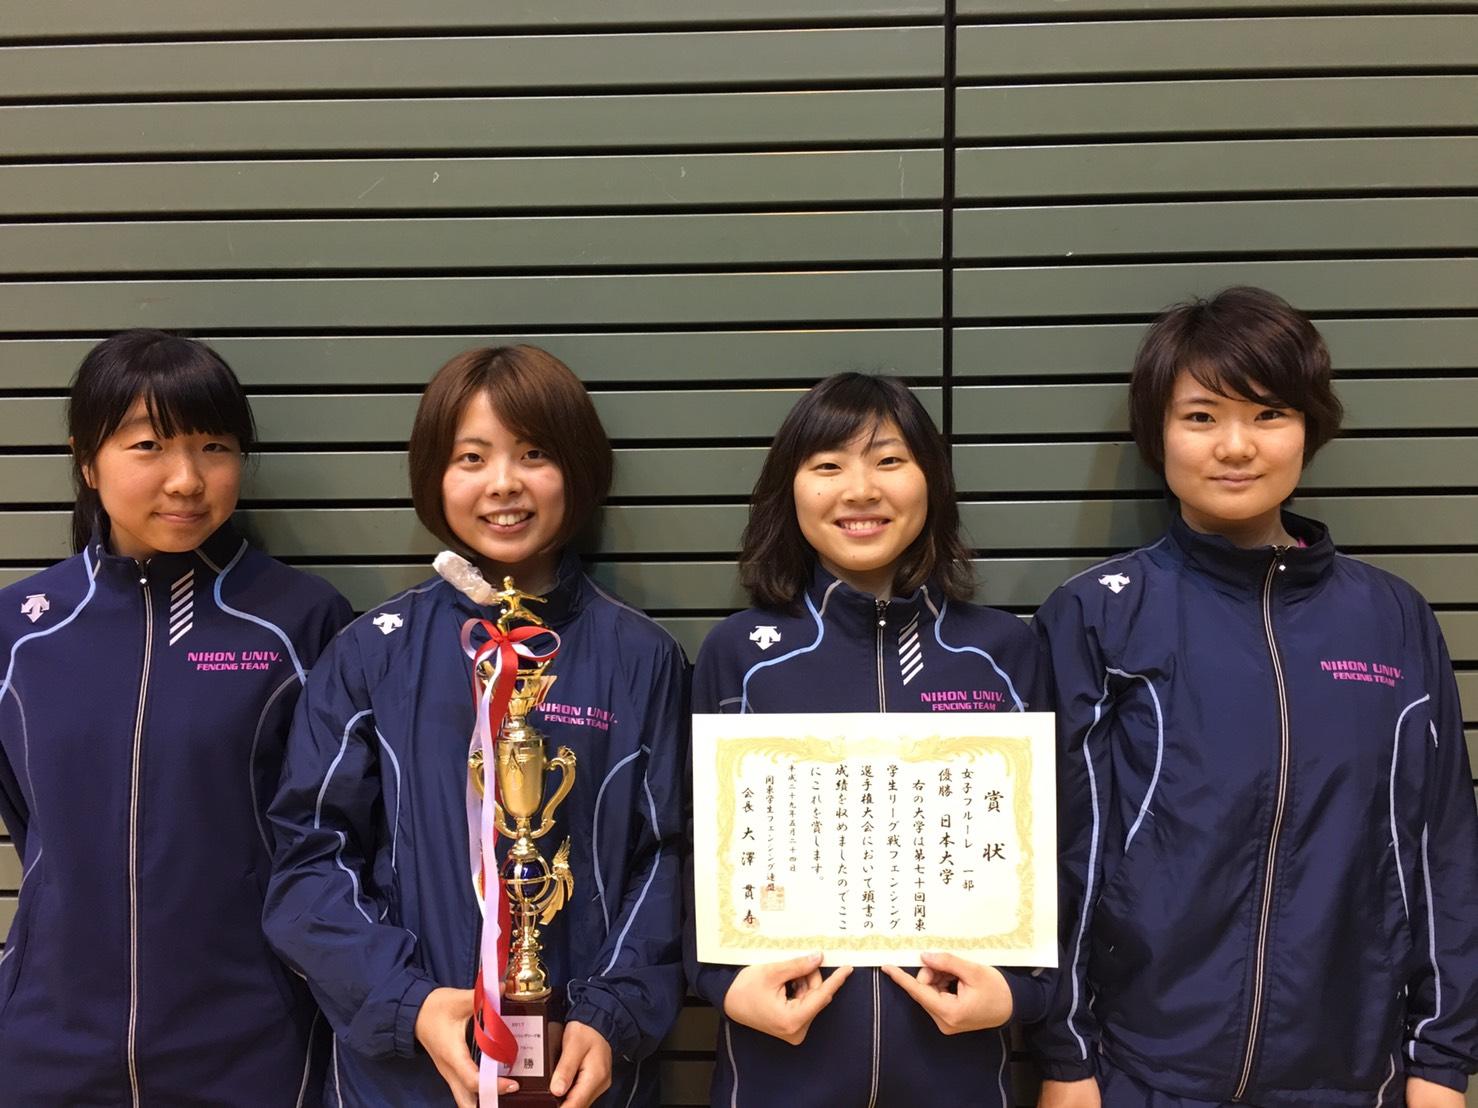 女子フルーレ優勝日本大学